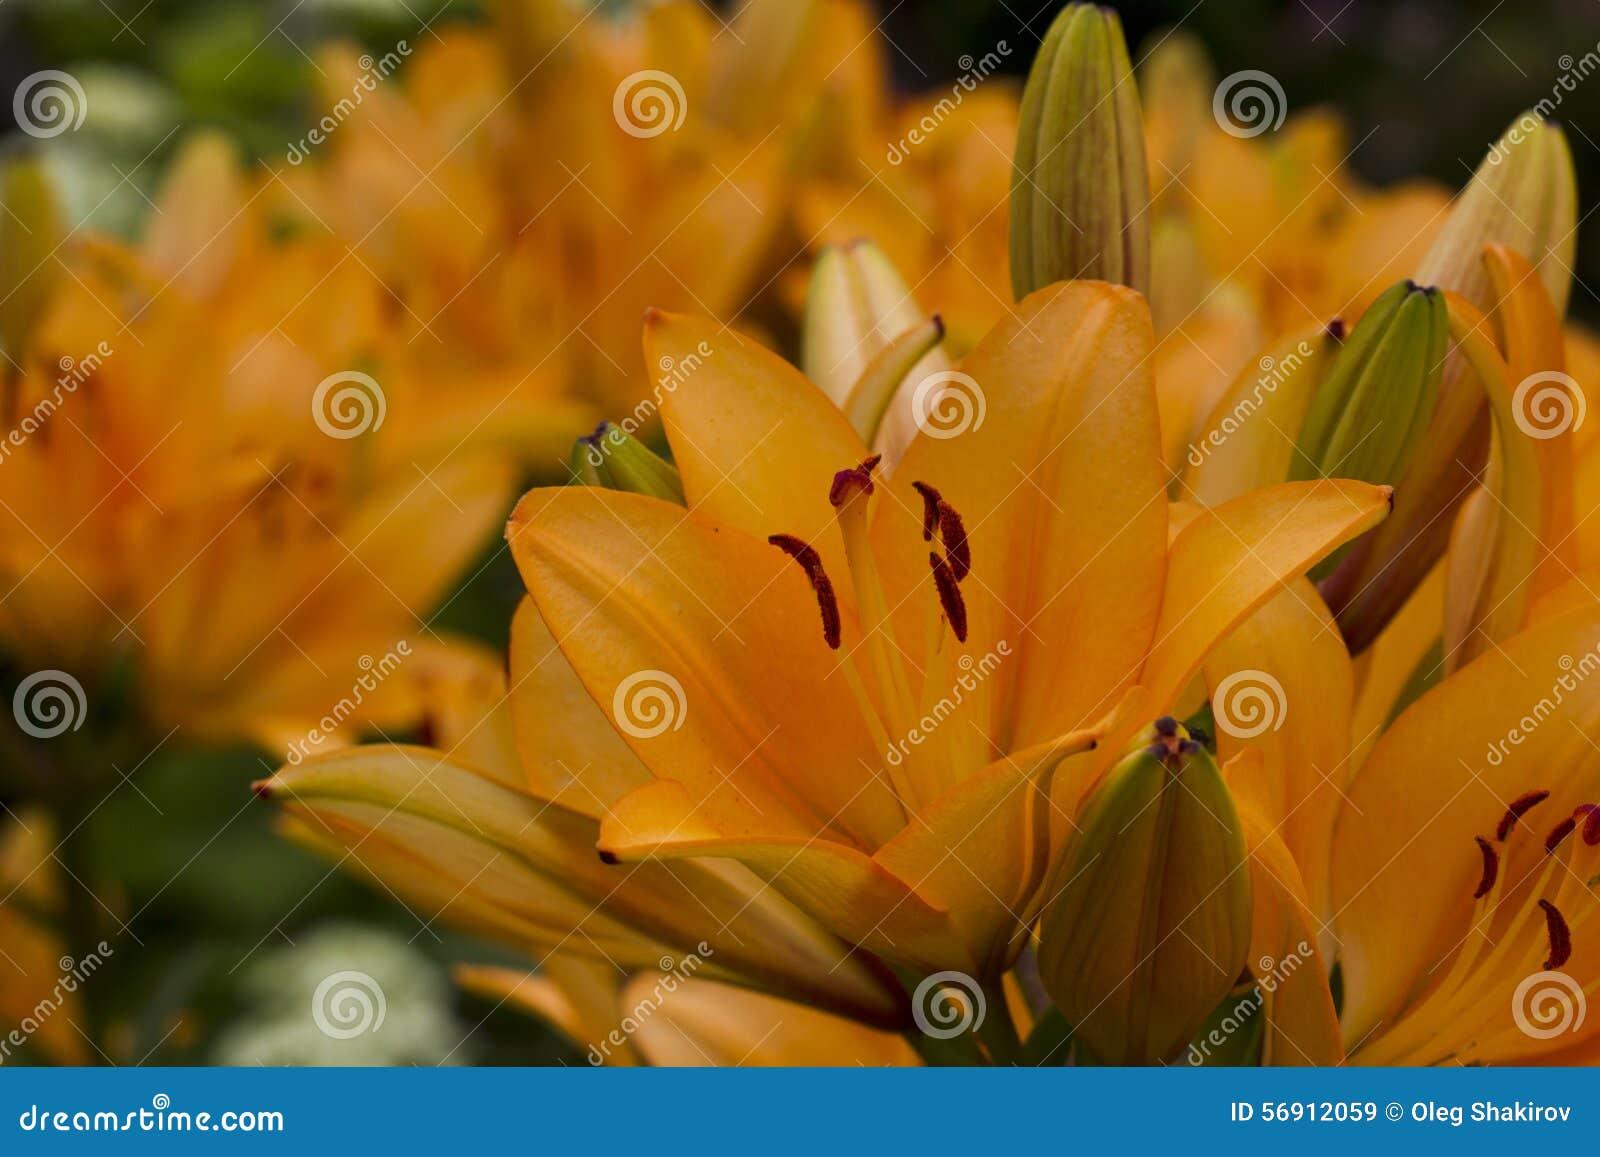 λουλούδια καρτών ανασκόπησης που χαιρετούν τον καθολικό Ιστό προτύπων σελίδων κρίνων